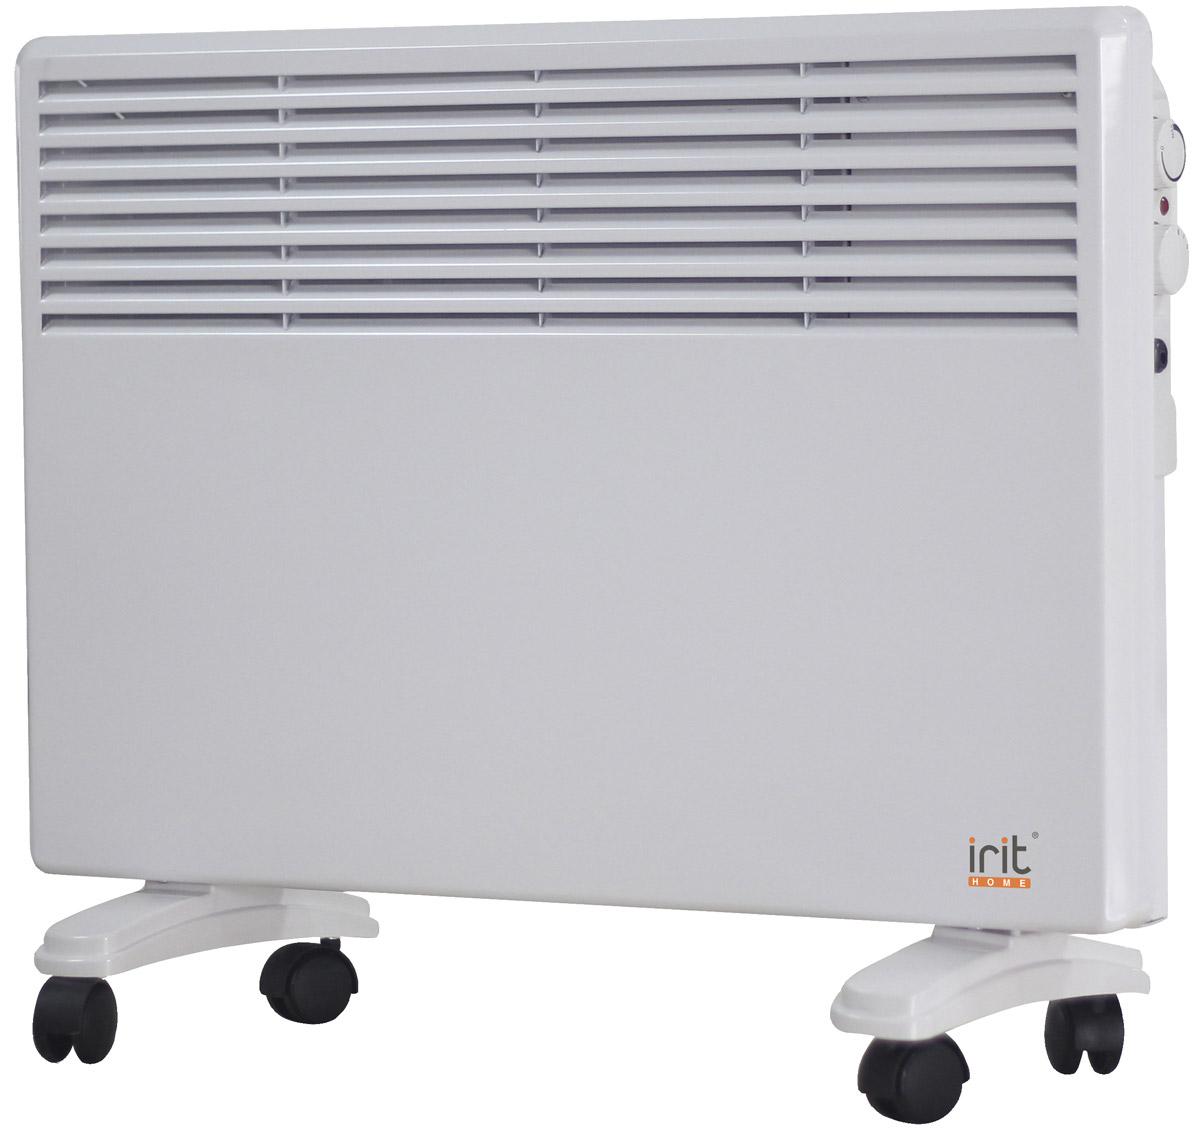 Irit IR-6205 конвекторный обогревательIR-6205Конвекторный обогреватель. Размер: 612 х 99 х 420 мм. Алюминиевый теплообменник. 2 уровня нагрева (750/1500Вт). Регулировка температуры. Автоматическое поддержание заданной температуры. Световой индикатор работы. Возможность установки на стену, колесные опоры. Рабочее напряжение: 220-240Вт/50Гц.